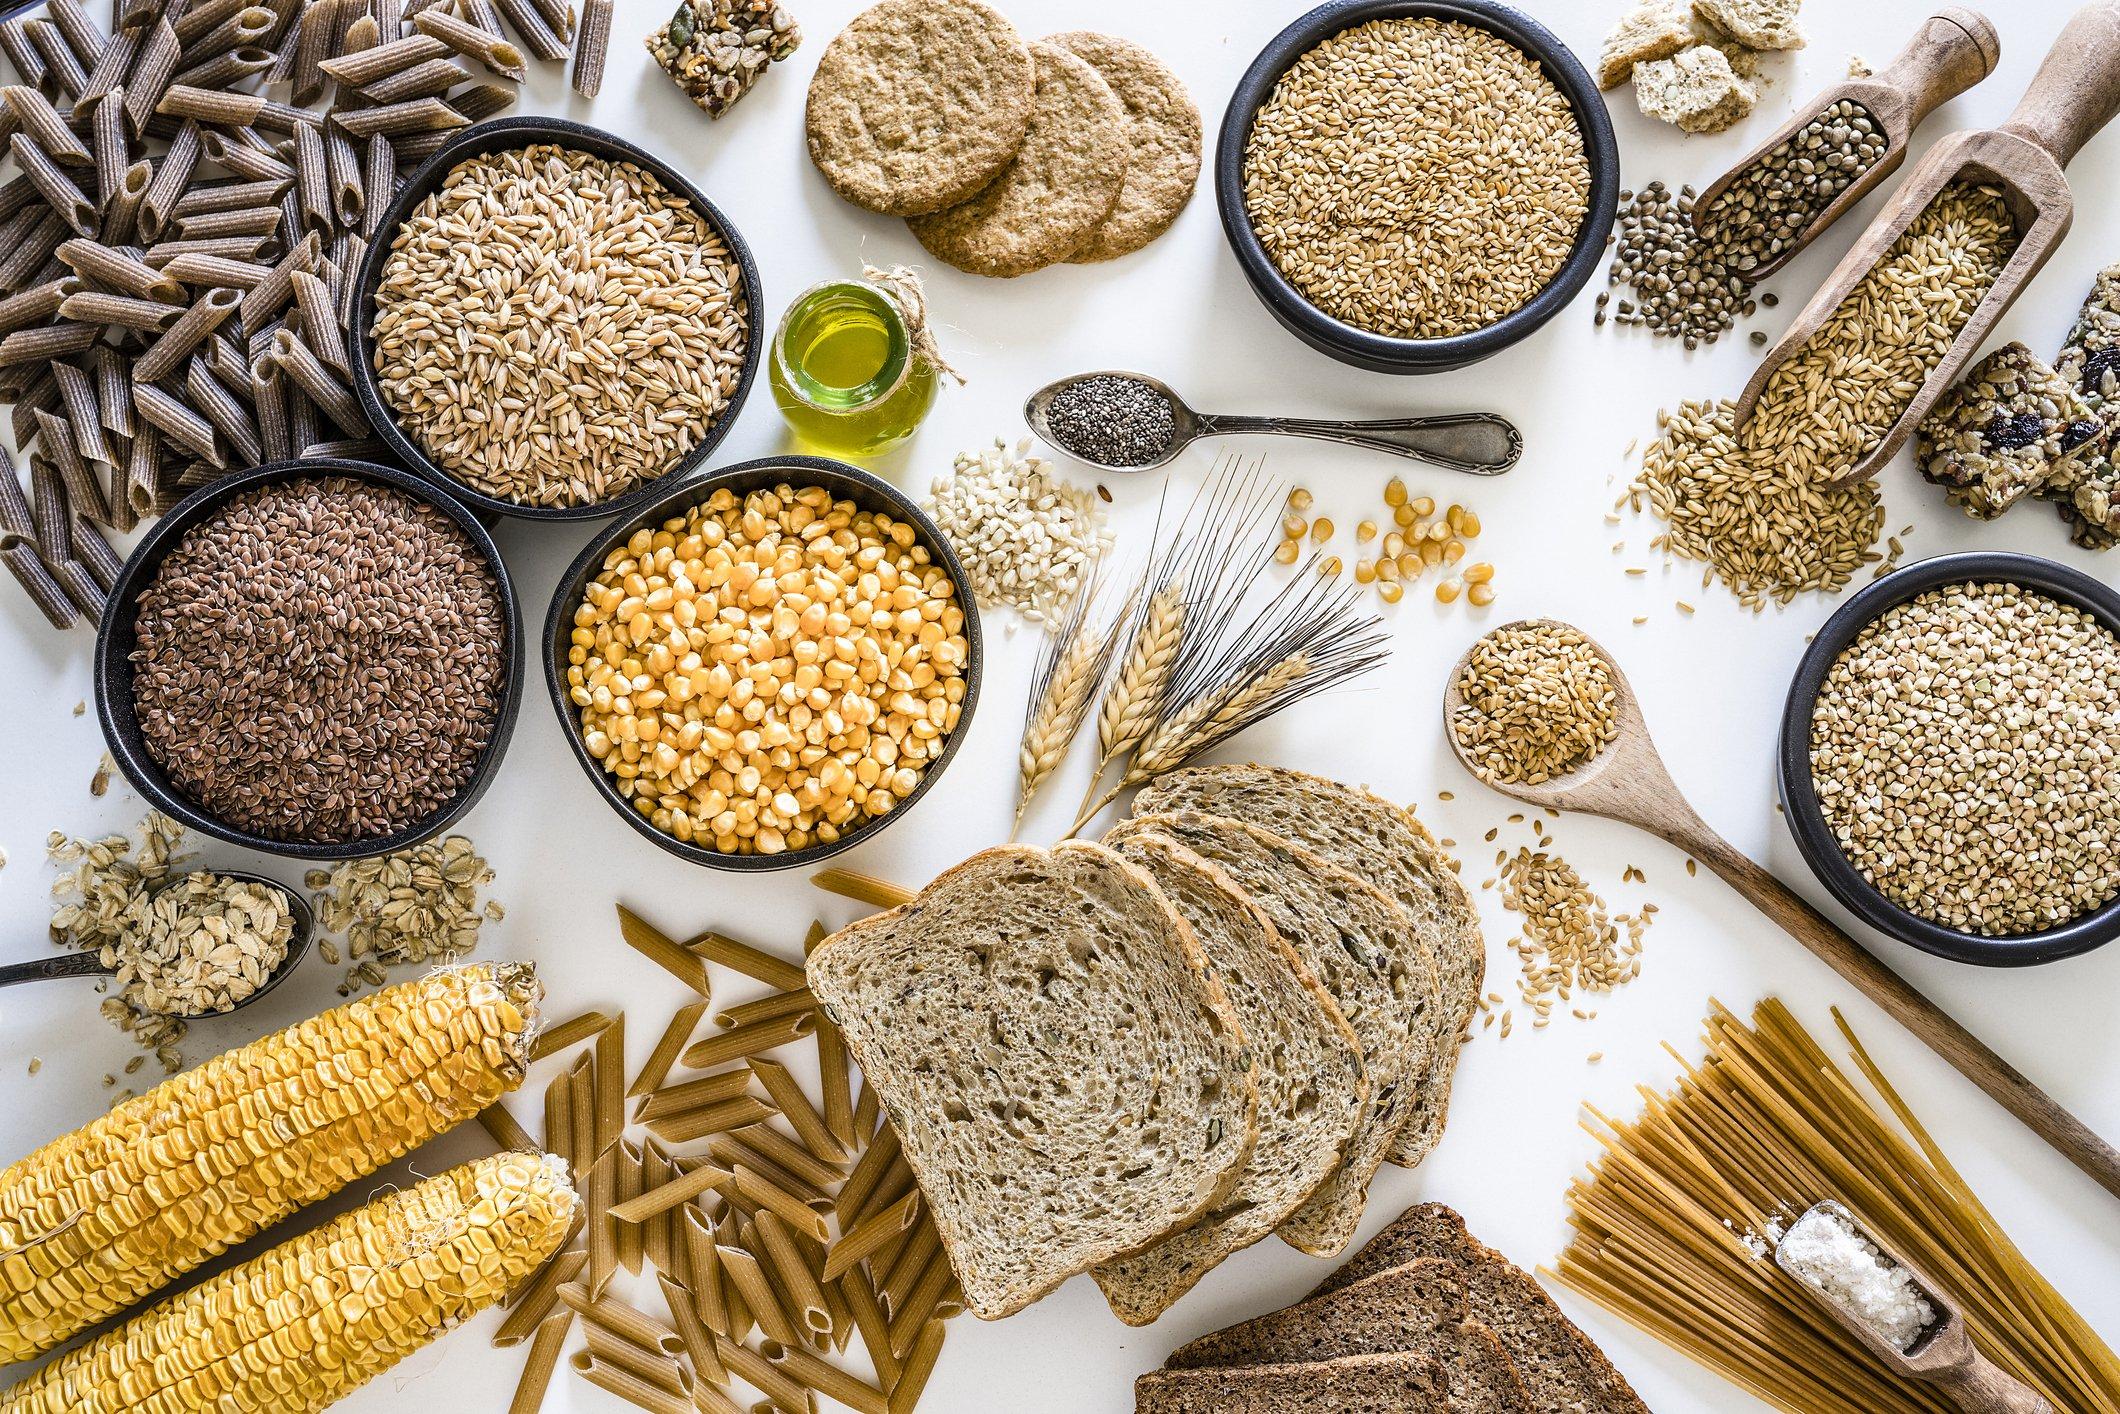 διατροφή με προϊόντα ολικής άλεσης